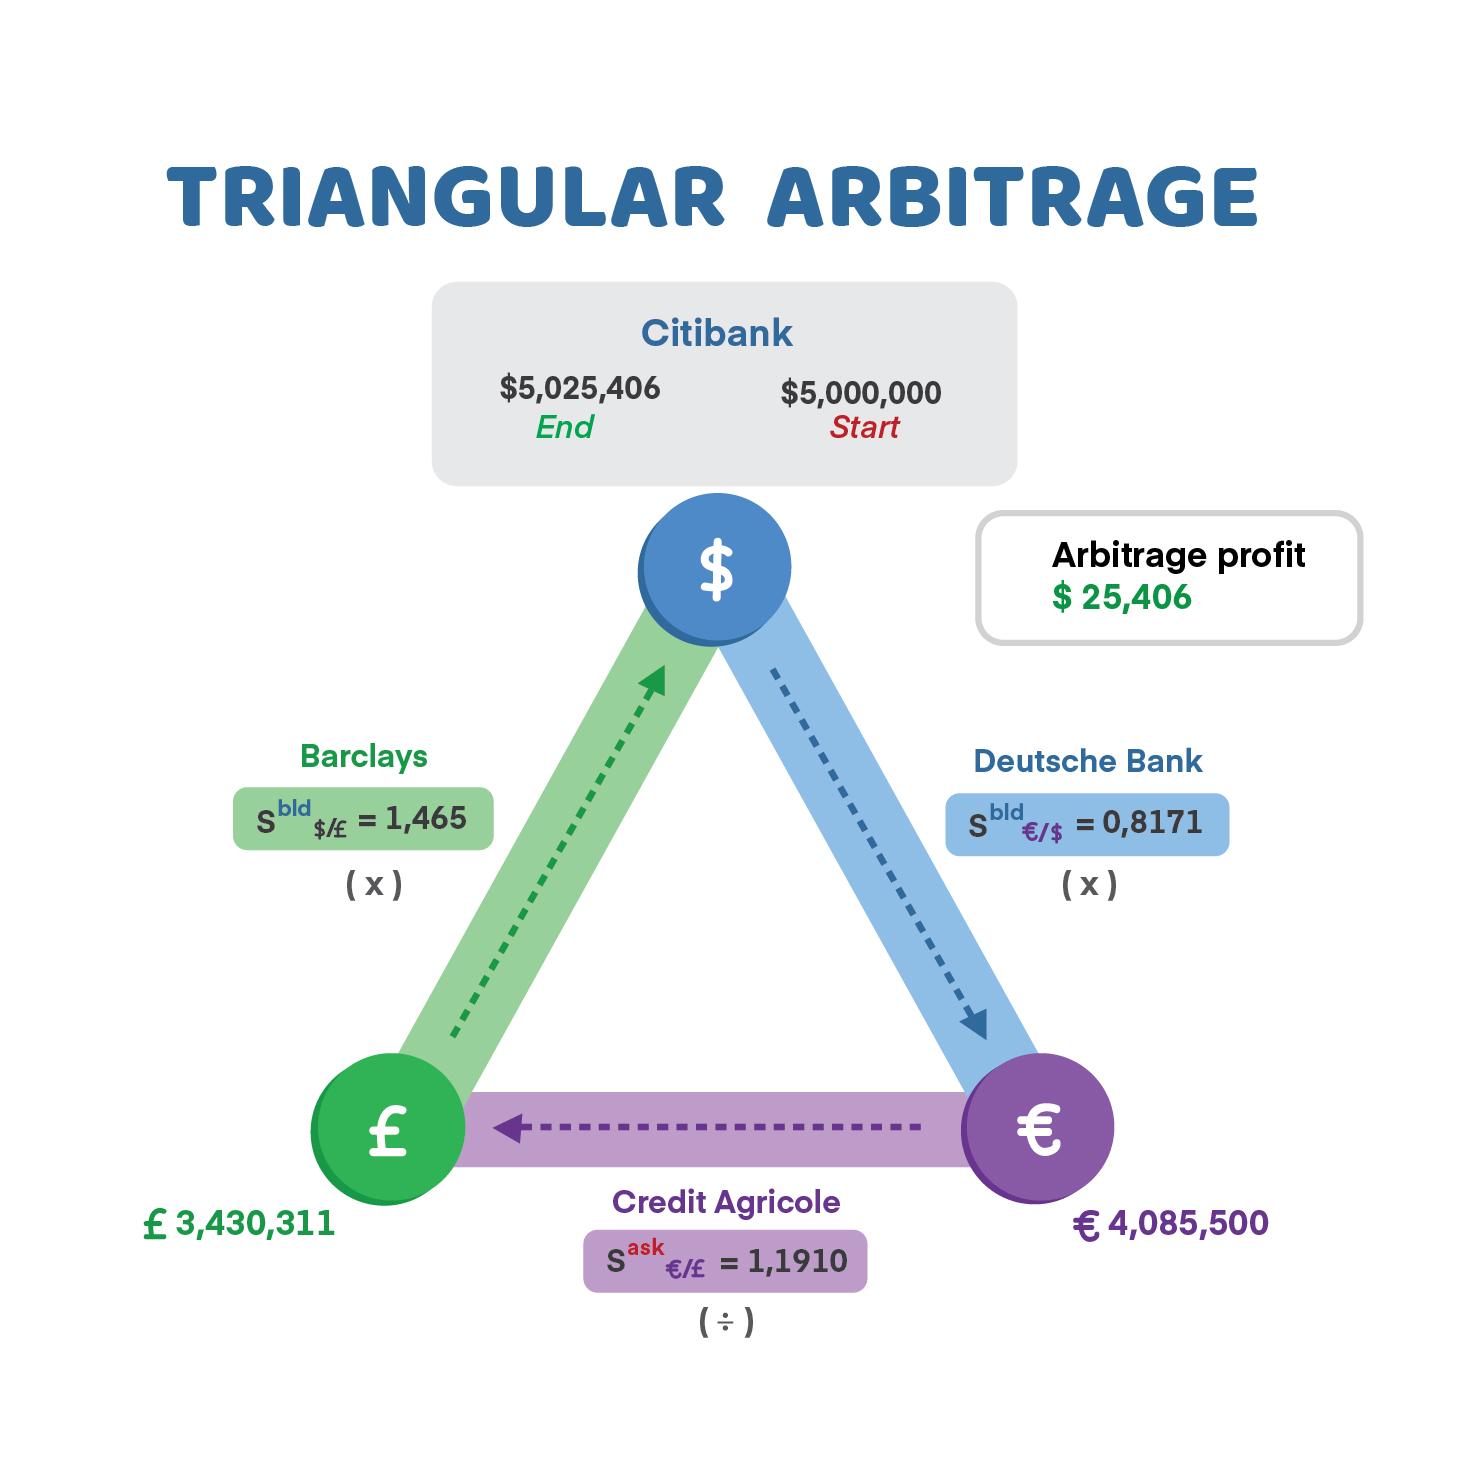 sistem perdagangan arbitrase segitiga